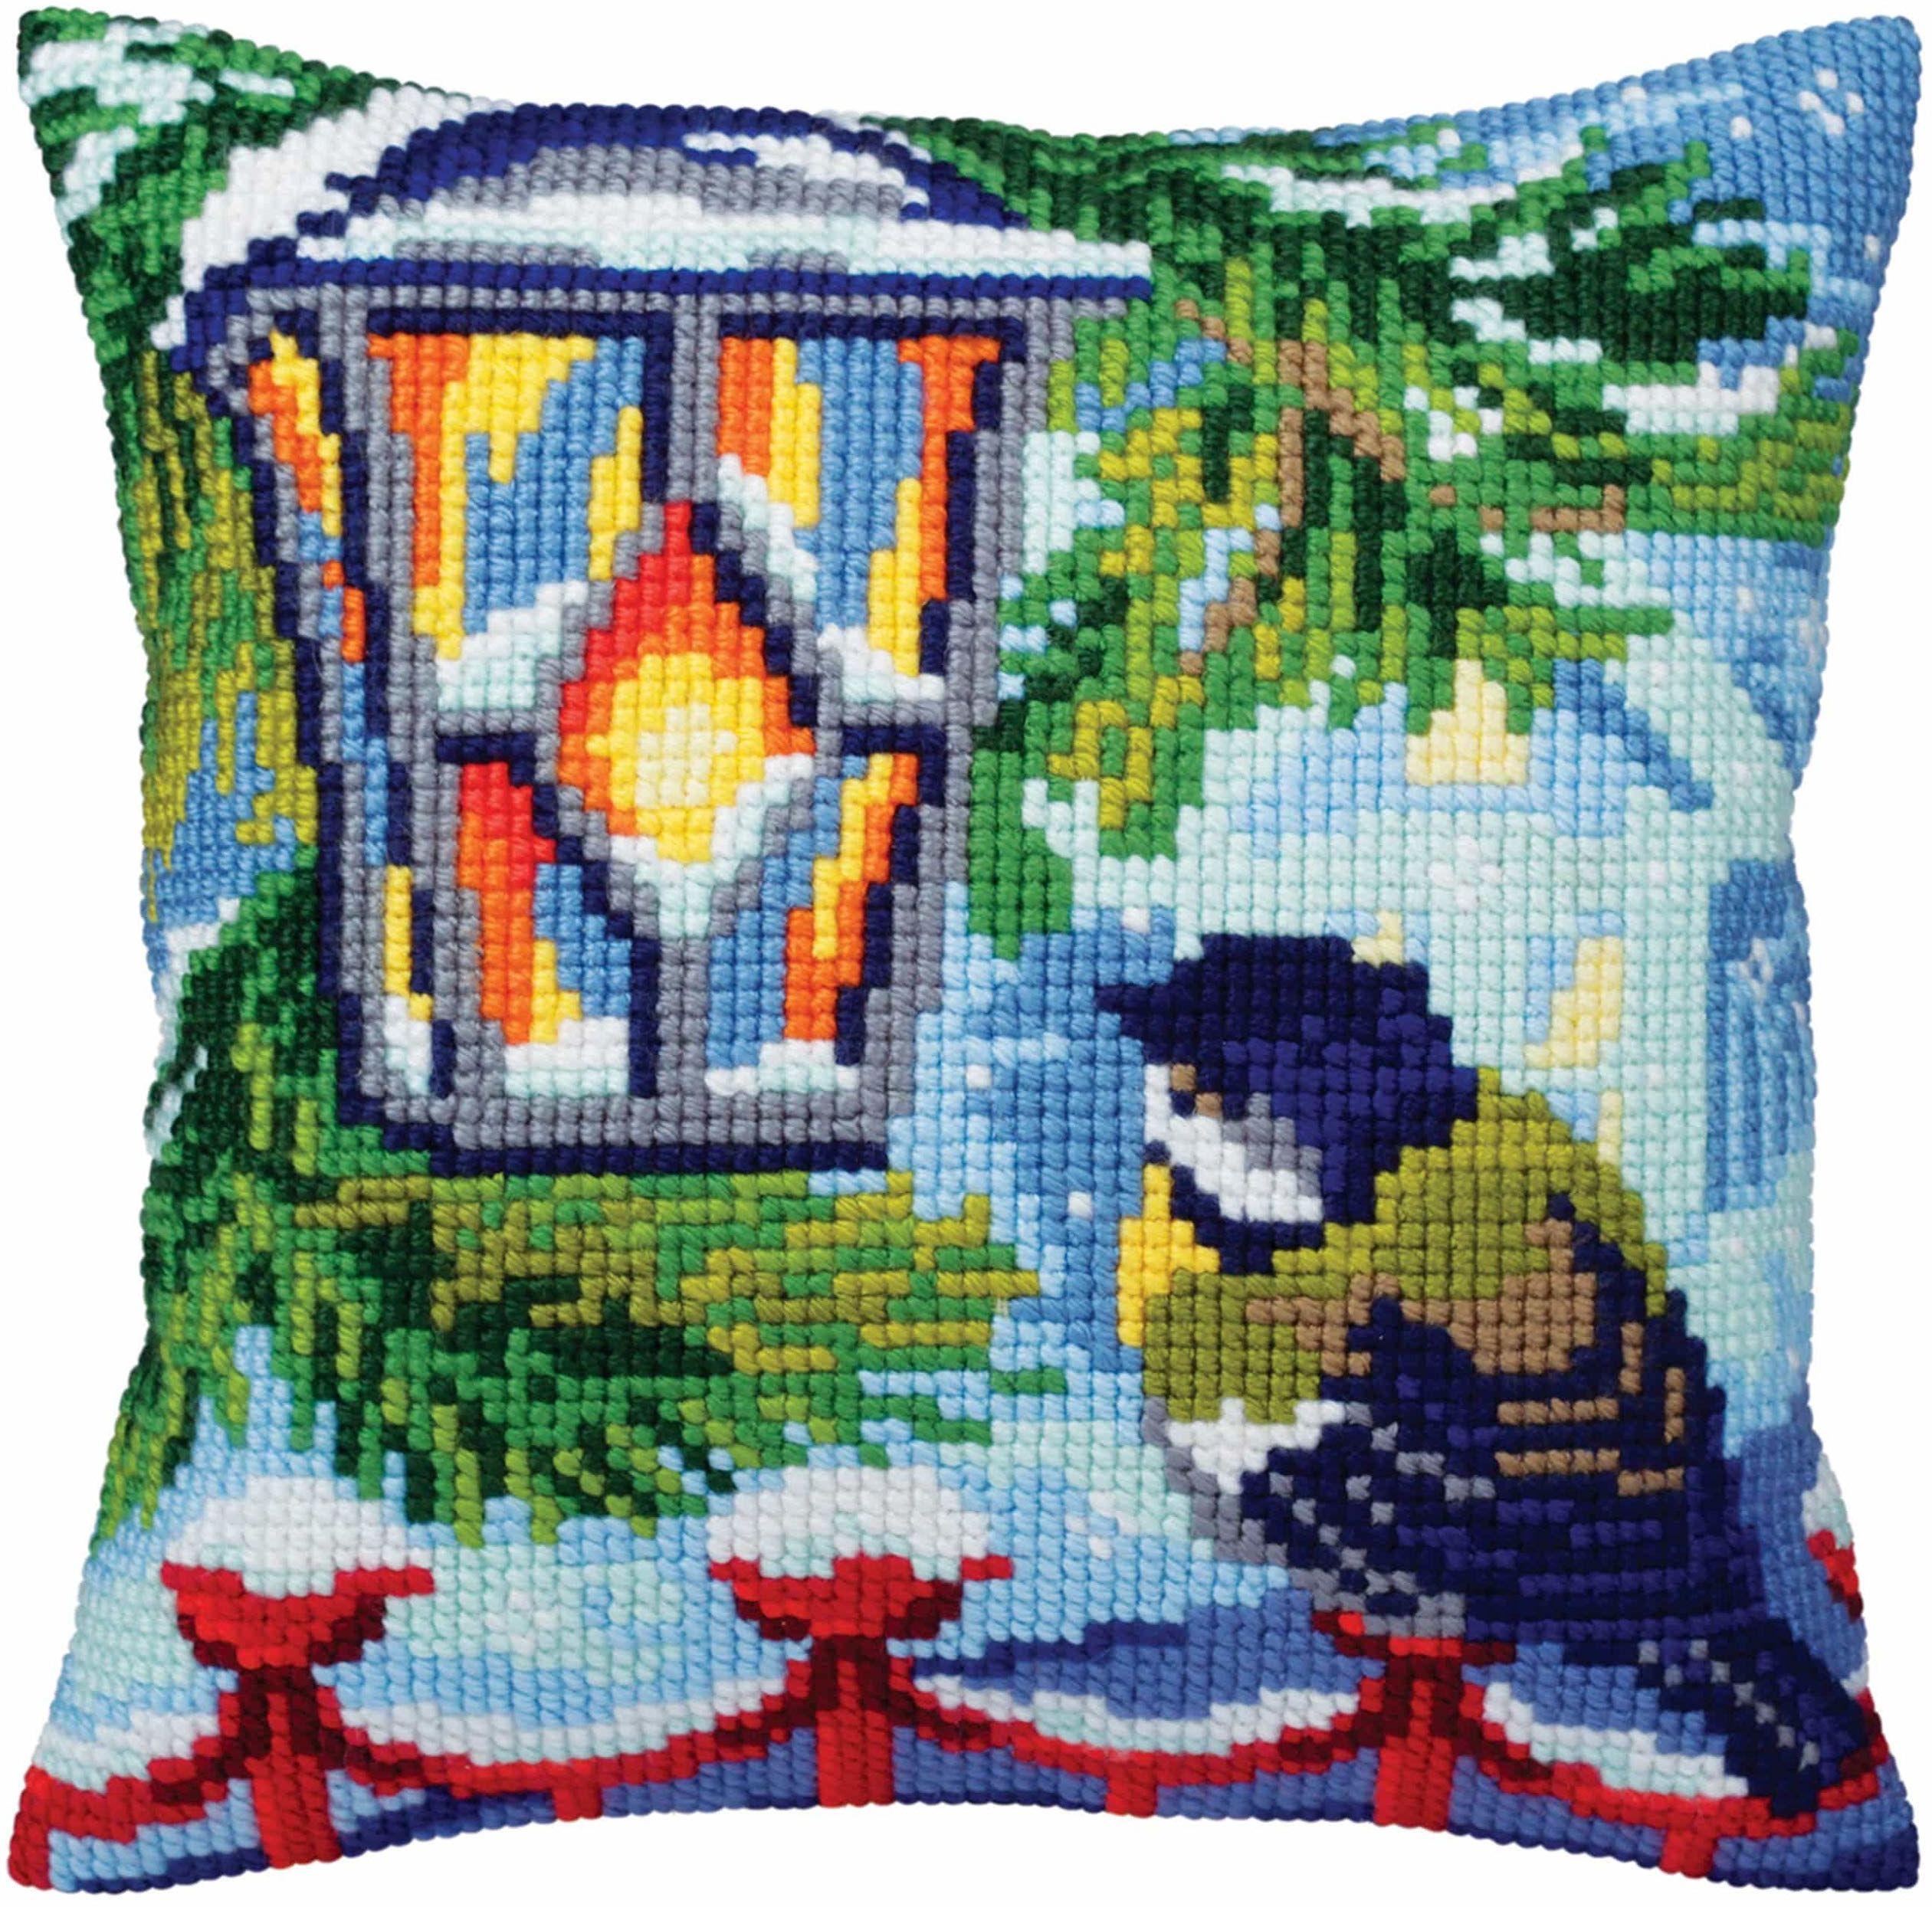 Kolekcja d''Art zestaw poduszek / przed Boże Narodzenie/40 x 40, Multi, 40 x 40 cm